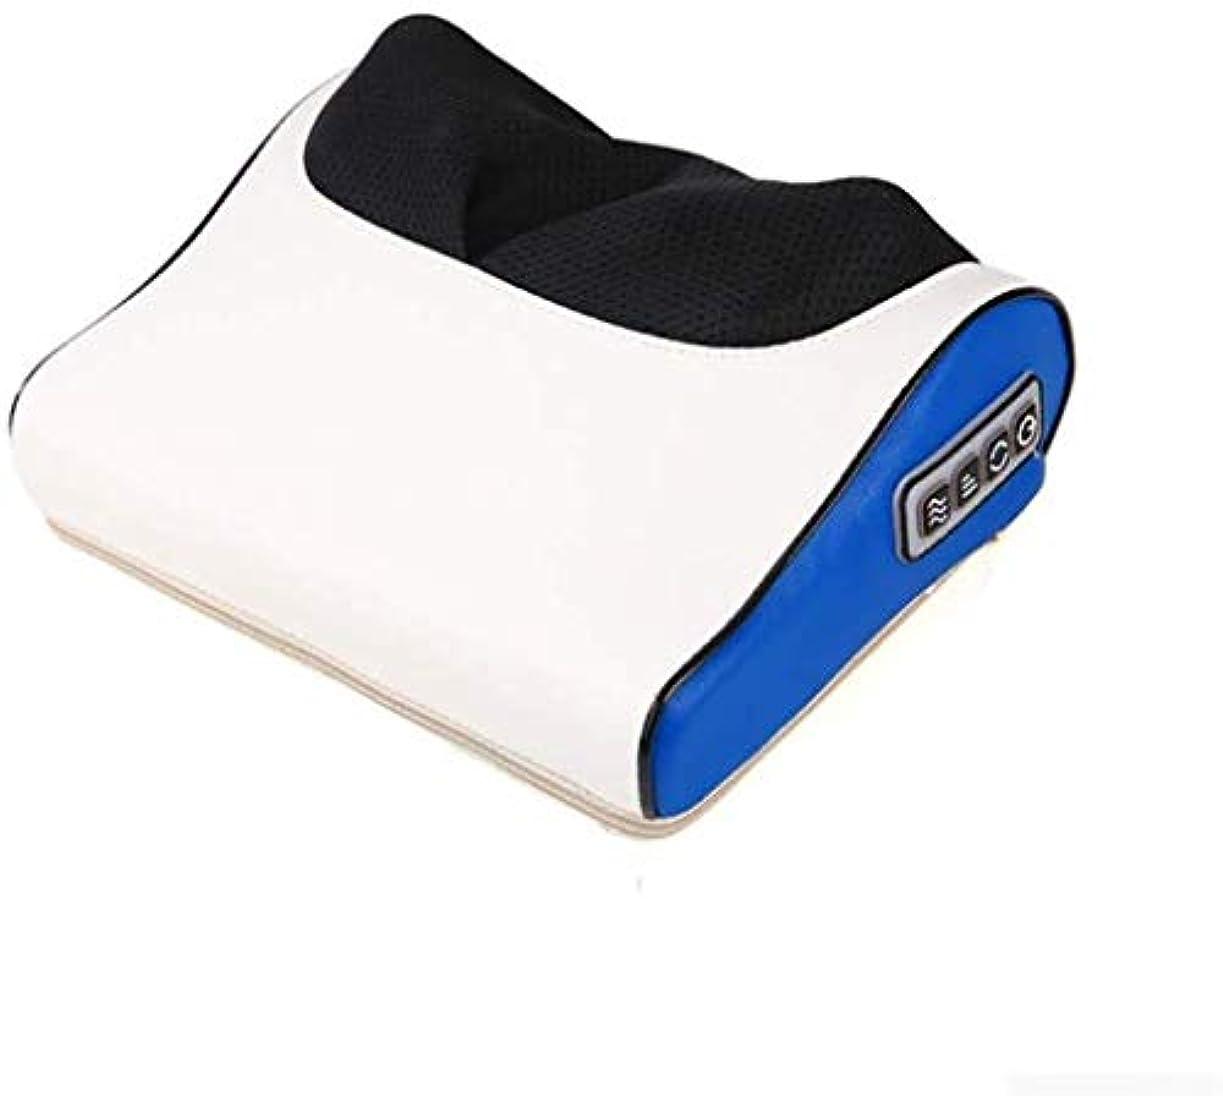 示すむしゃむしゃアナリストマッサージ枕、赤外線/温水首/肩/戻る電気マッサージ、指圧マッサージ機器、痛み/ストレスを解消、疲労を和らげます (Color : 青, Size : One size)